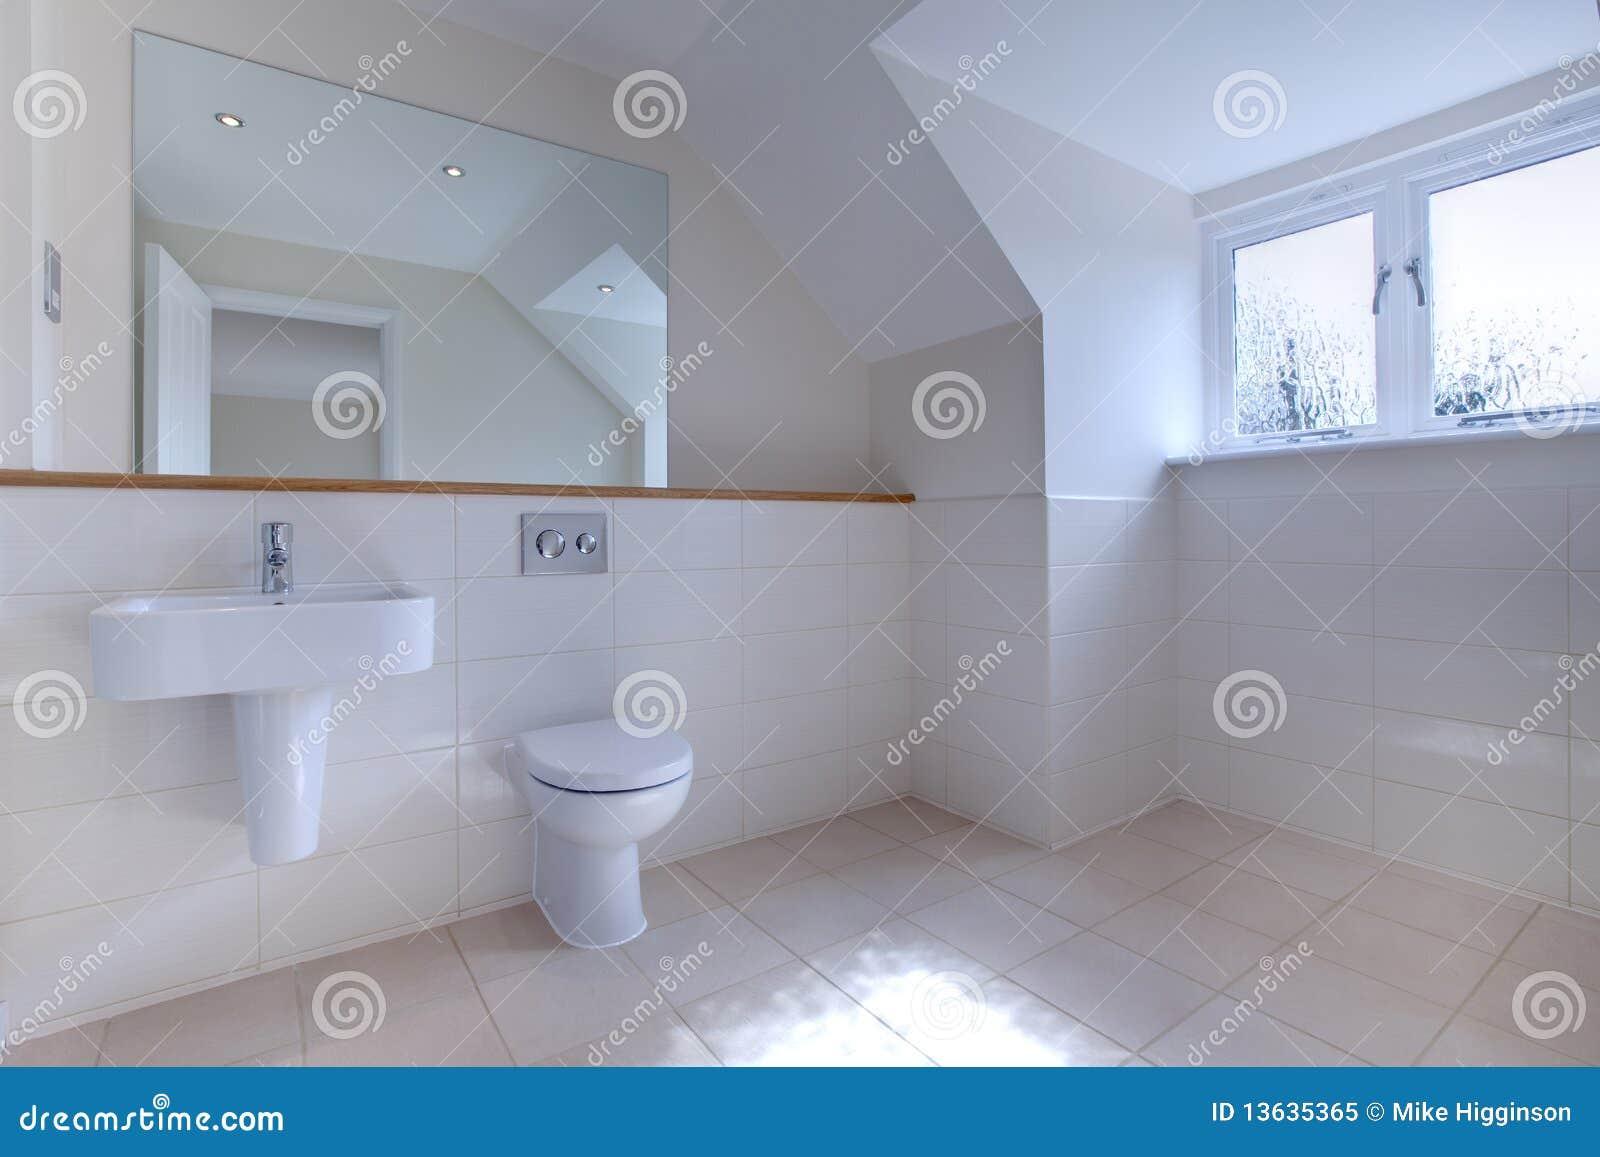 Baño Minimalista Fotos:Wall Mount Bathroom Mirror